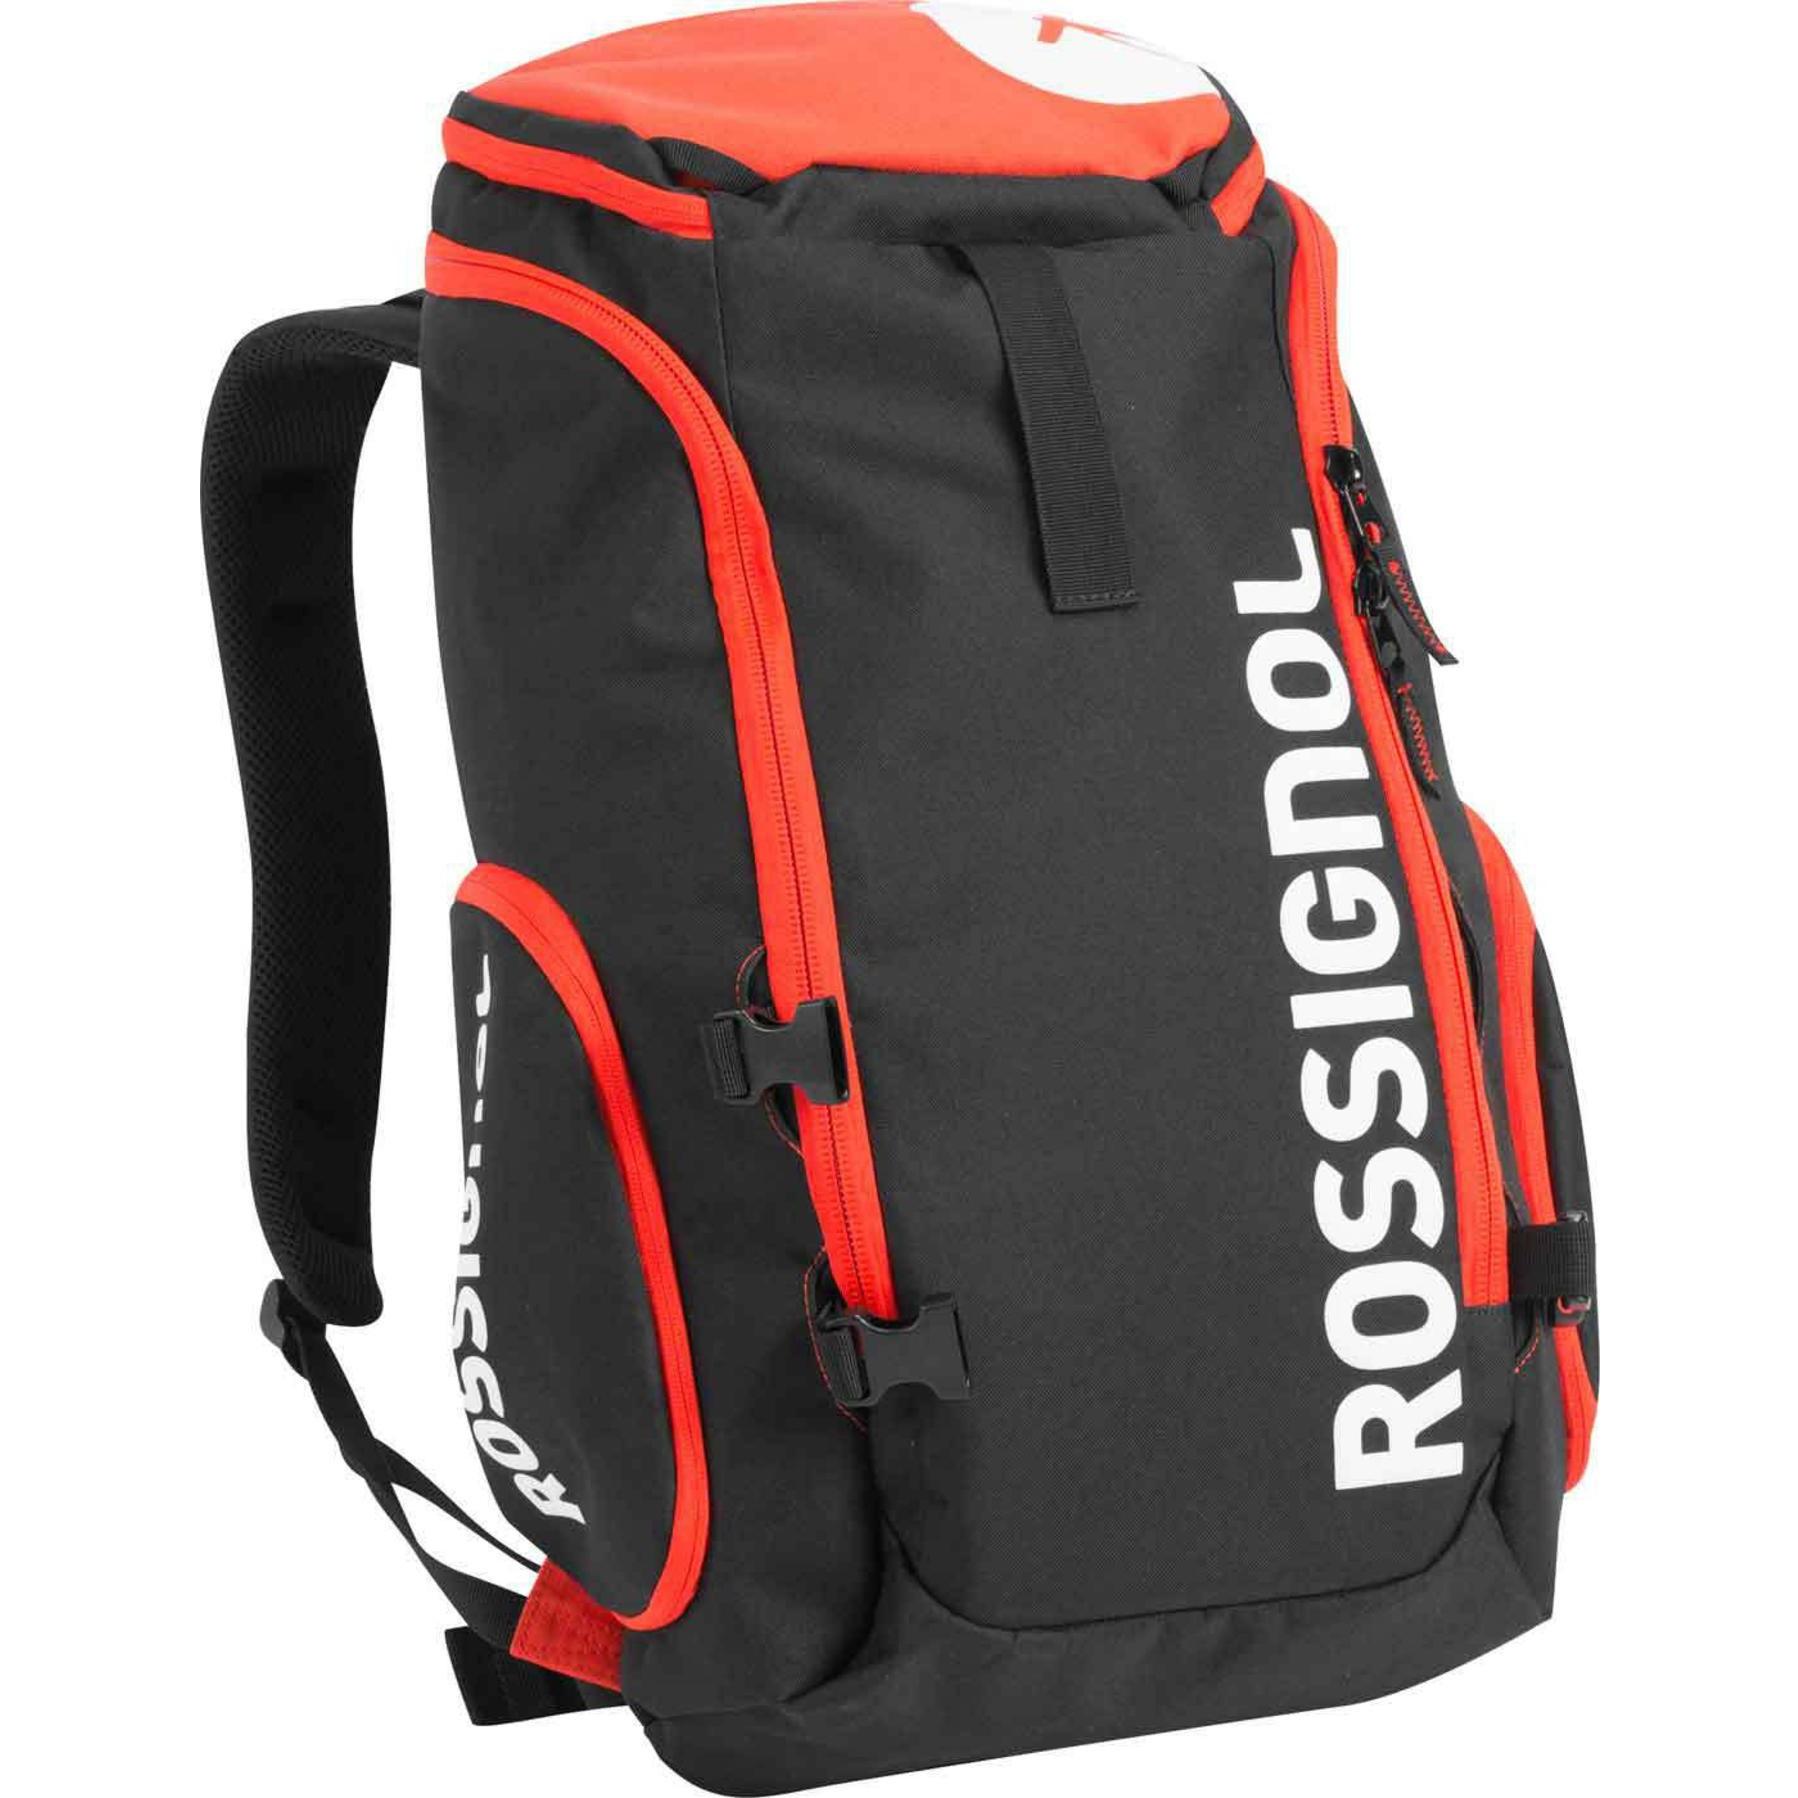 ROSSIGNOL TACTIC BOOT BAG par Rossignol (Sacs à bottes)ROSSIGNOL TACTIC BOOT BAG par Rossignol (Sacs à bottes)